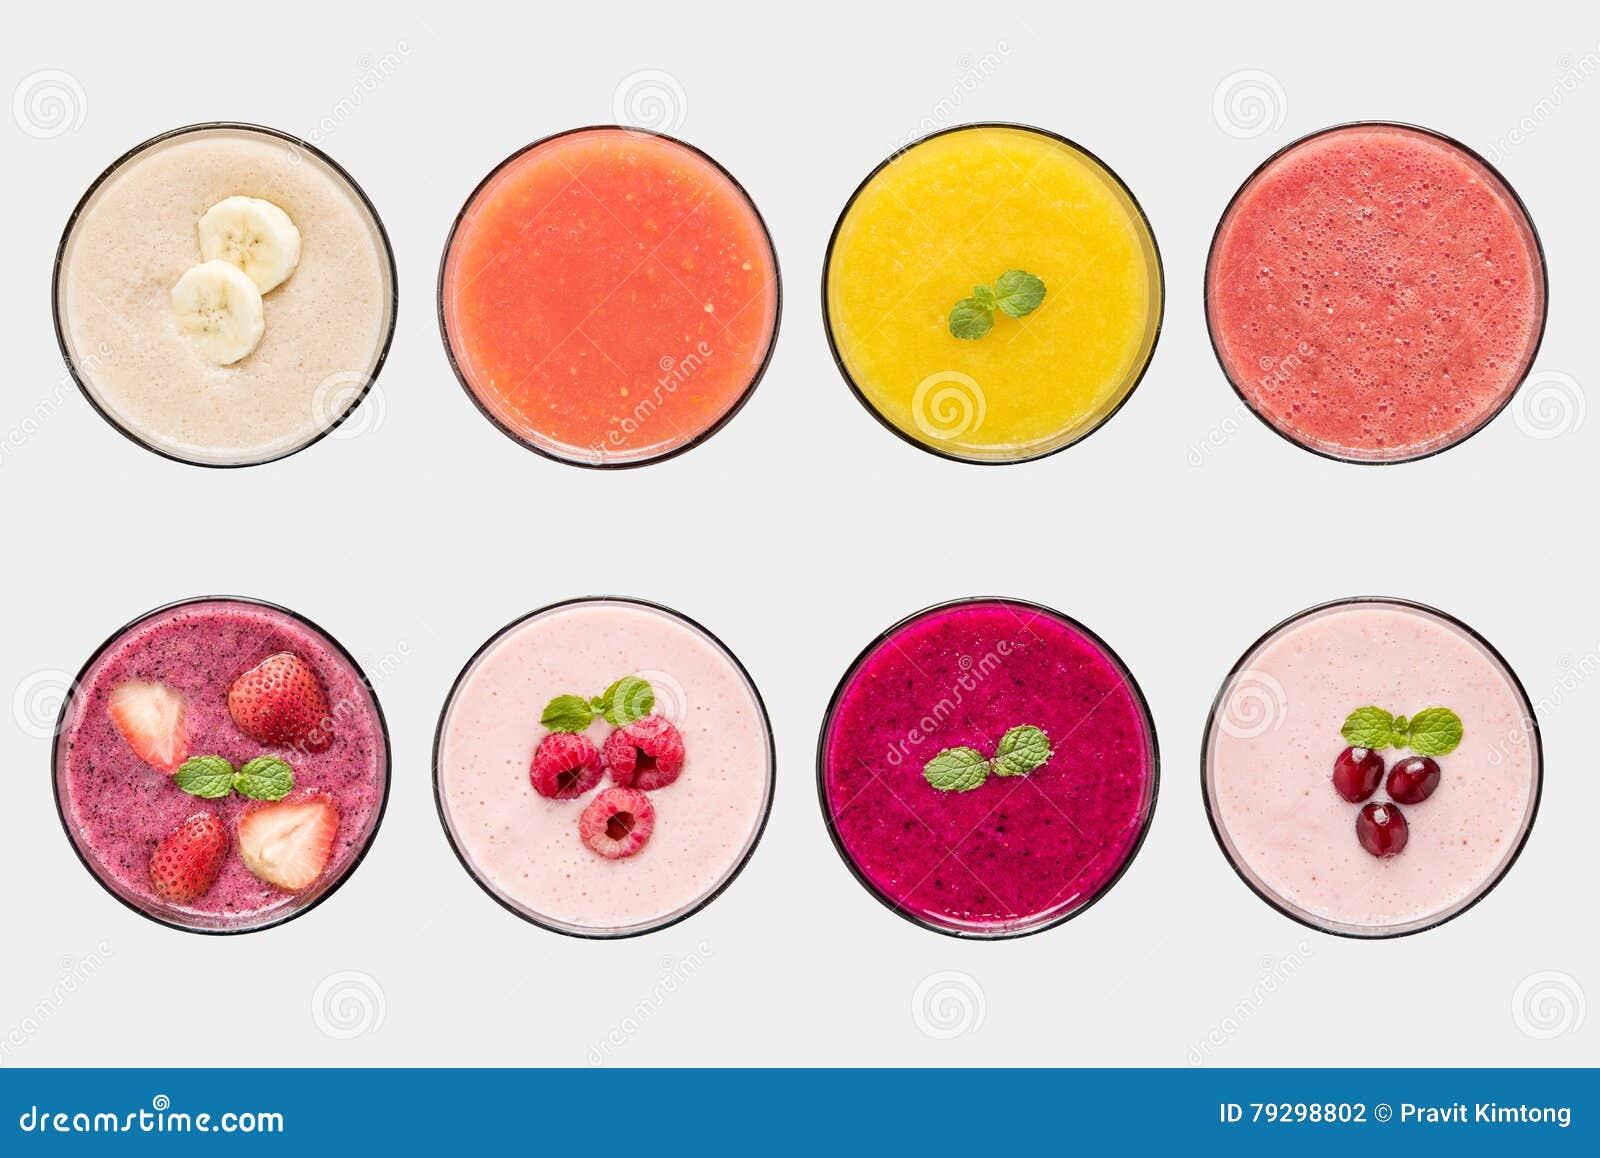 Modellfrucht Smoothie- und Fruchtsaftsatz lokalisiert auf weißem Hintergrund